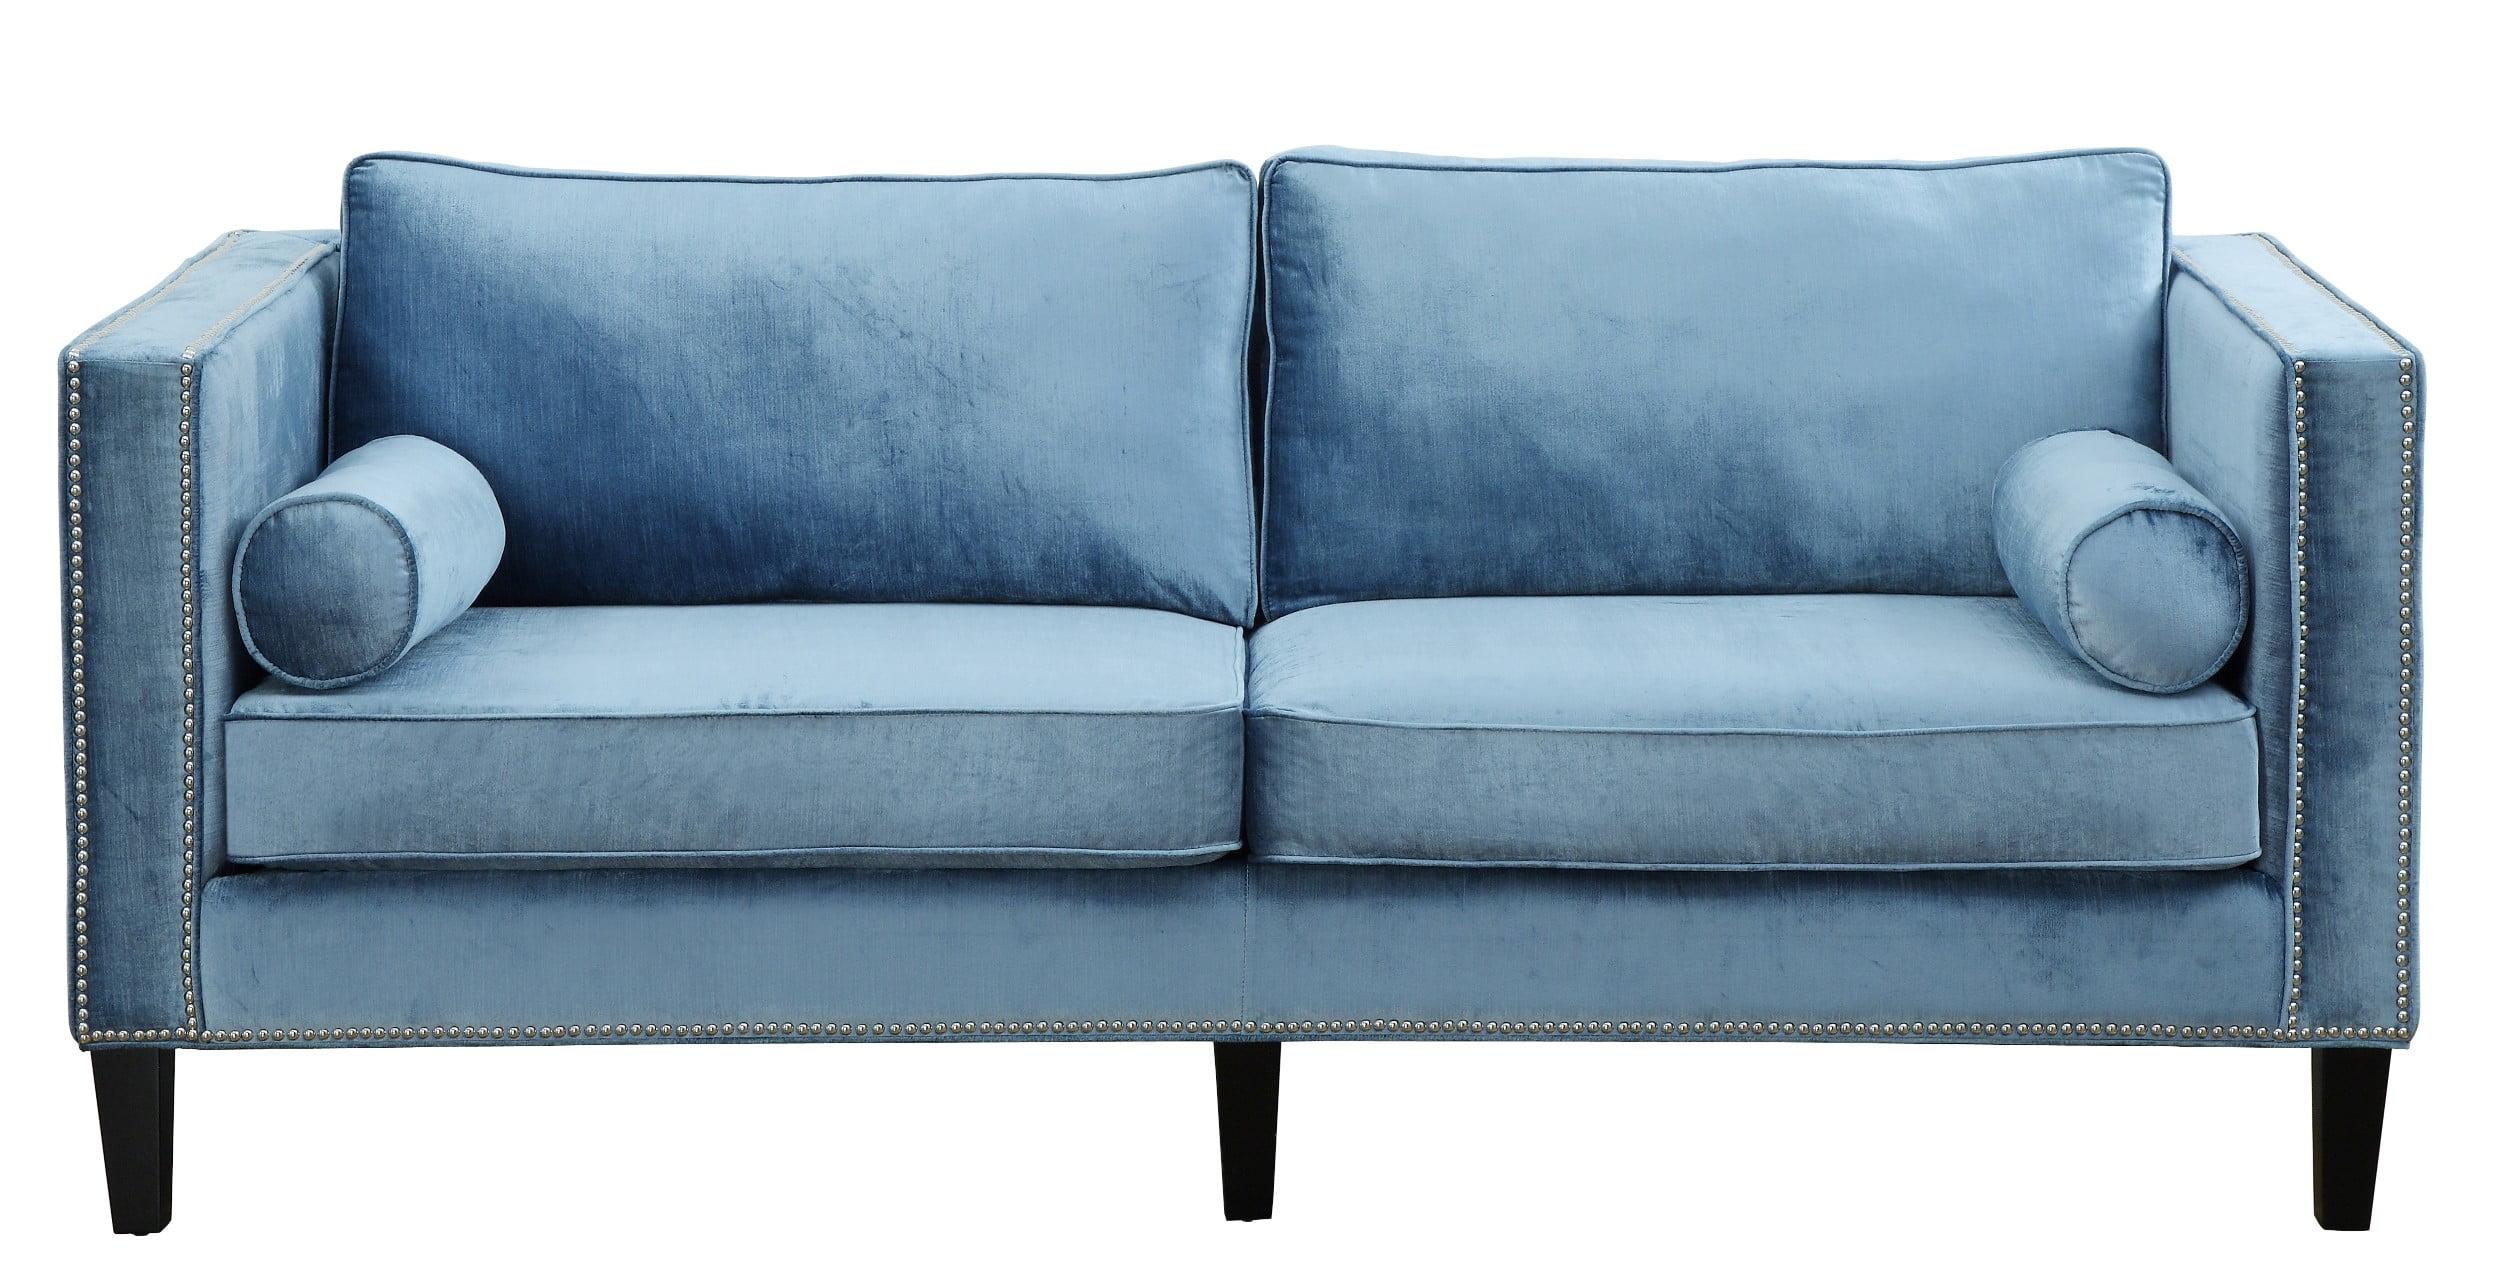 Cooper Blue Velvet Sofa from TOV TOV S18